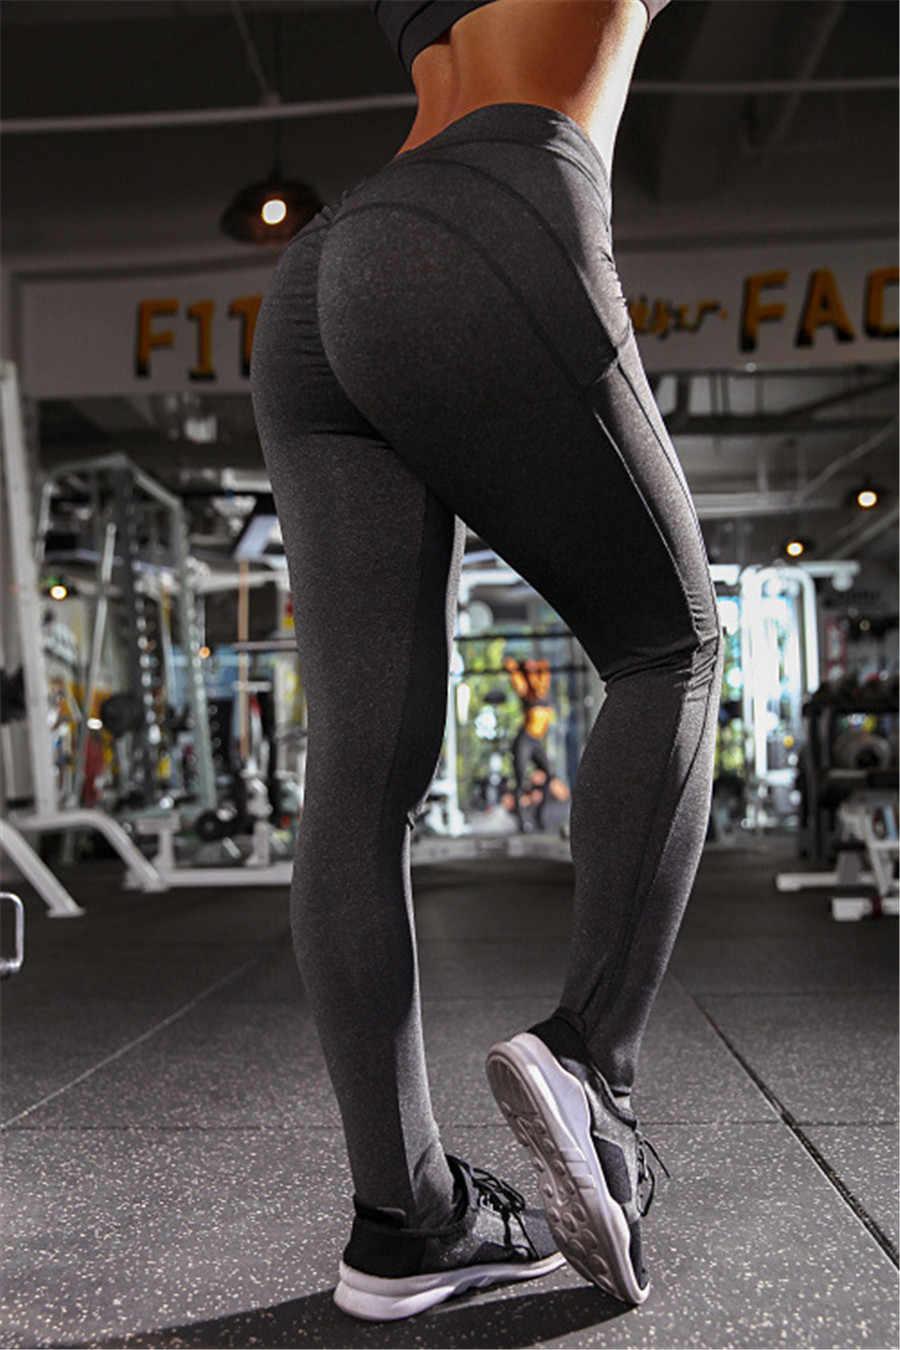 ed2c713fc8655 ... YICN Yoga Pants Sport Leggings Women Sport Fitness high waist V Shape  Legging Push Up Leggings